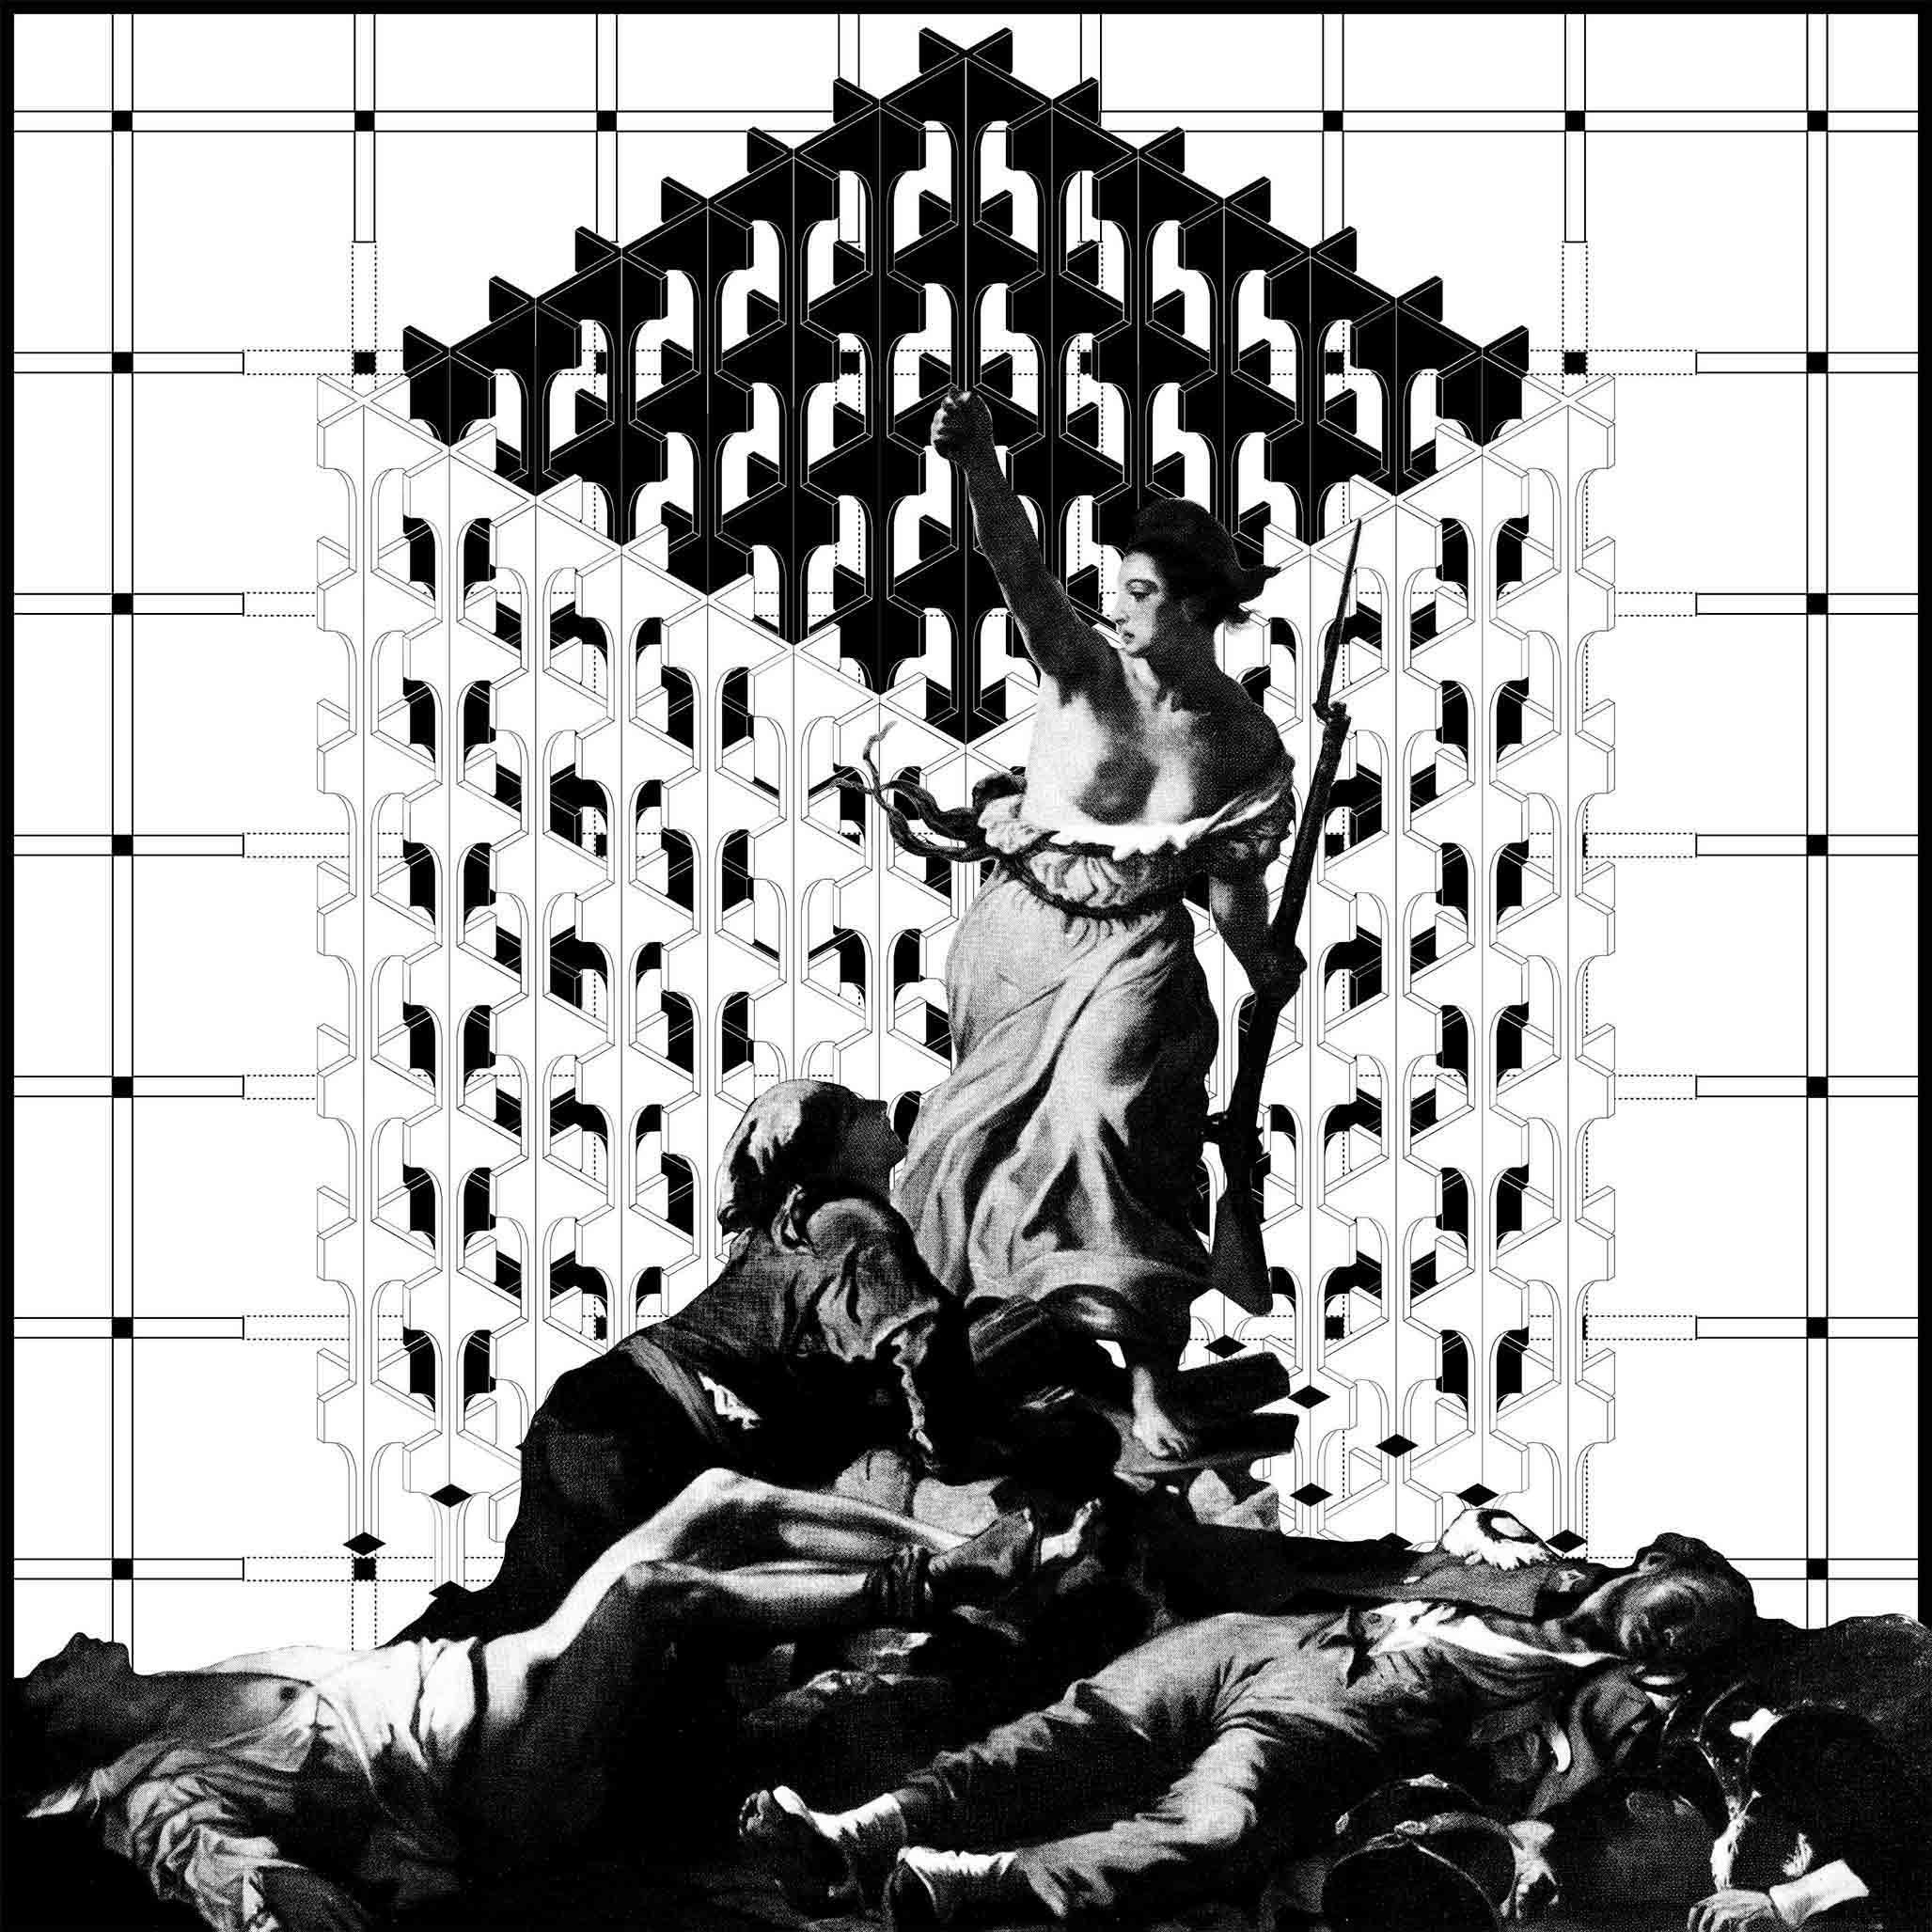 alfred_tarazi_dearmadness_martyr-square-ruin_2017_5_0004_alfred_tarazi_dearmadness_Palazzo-della-Civilta-Italiana_2017_3.jpg